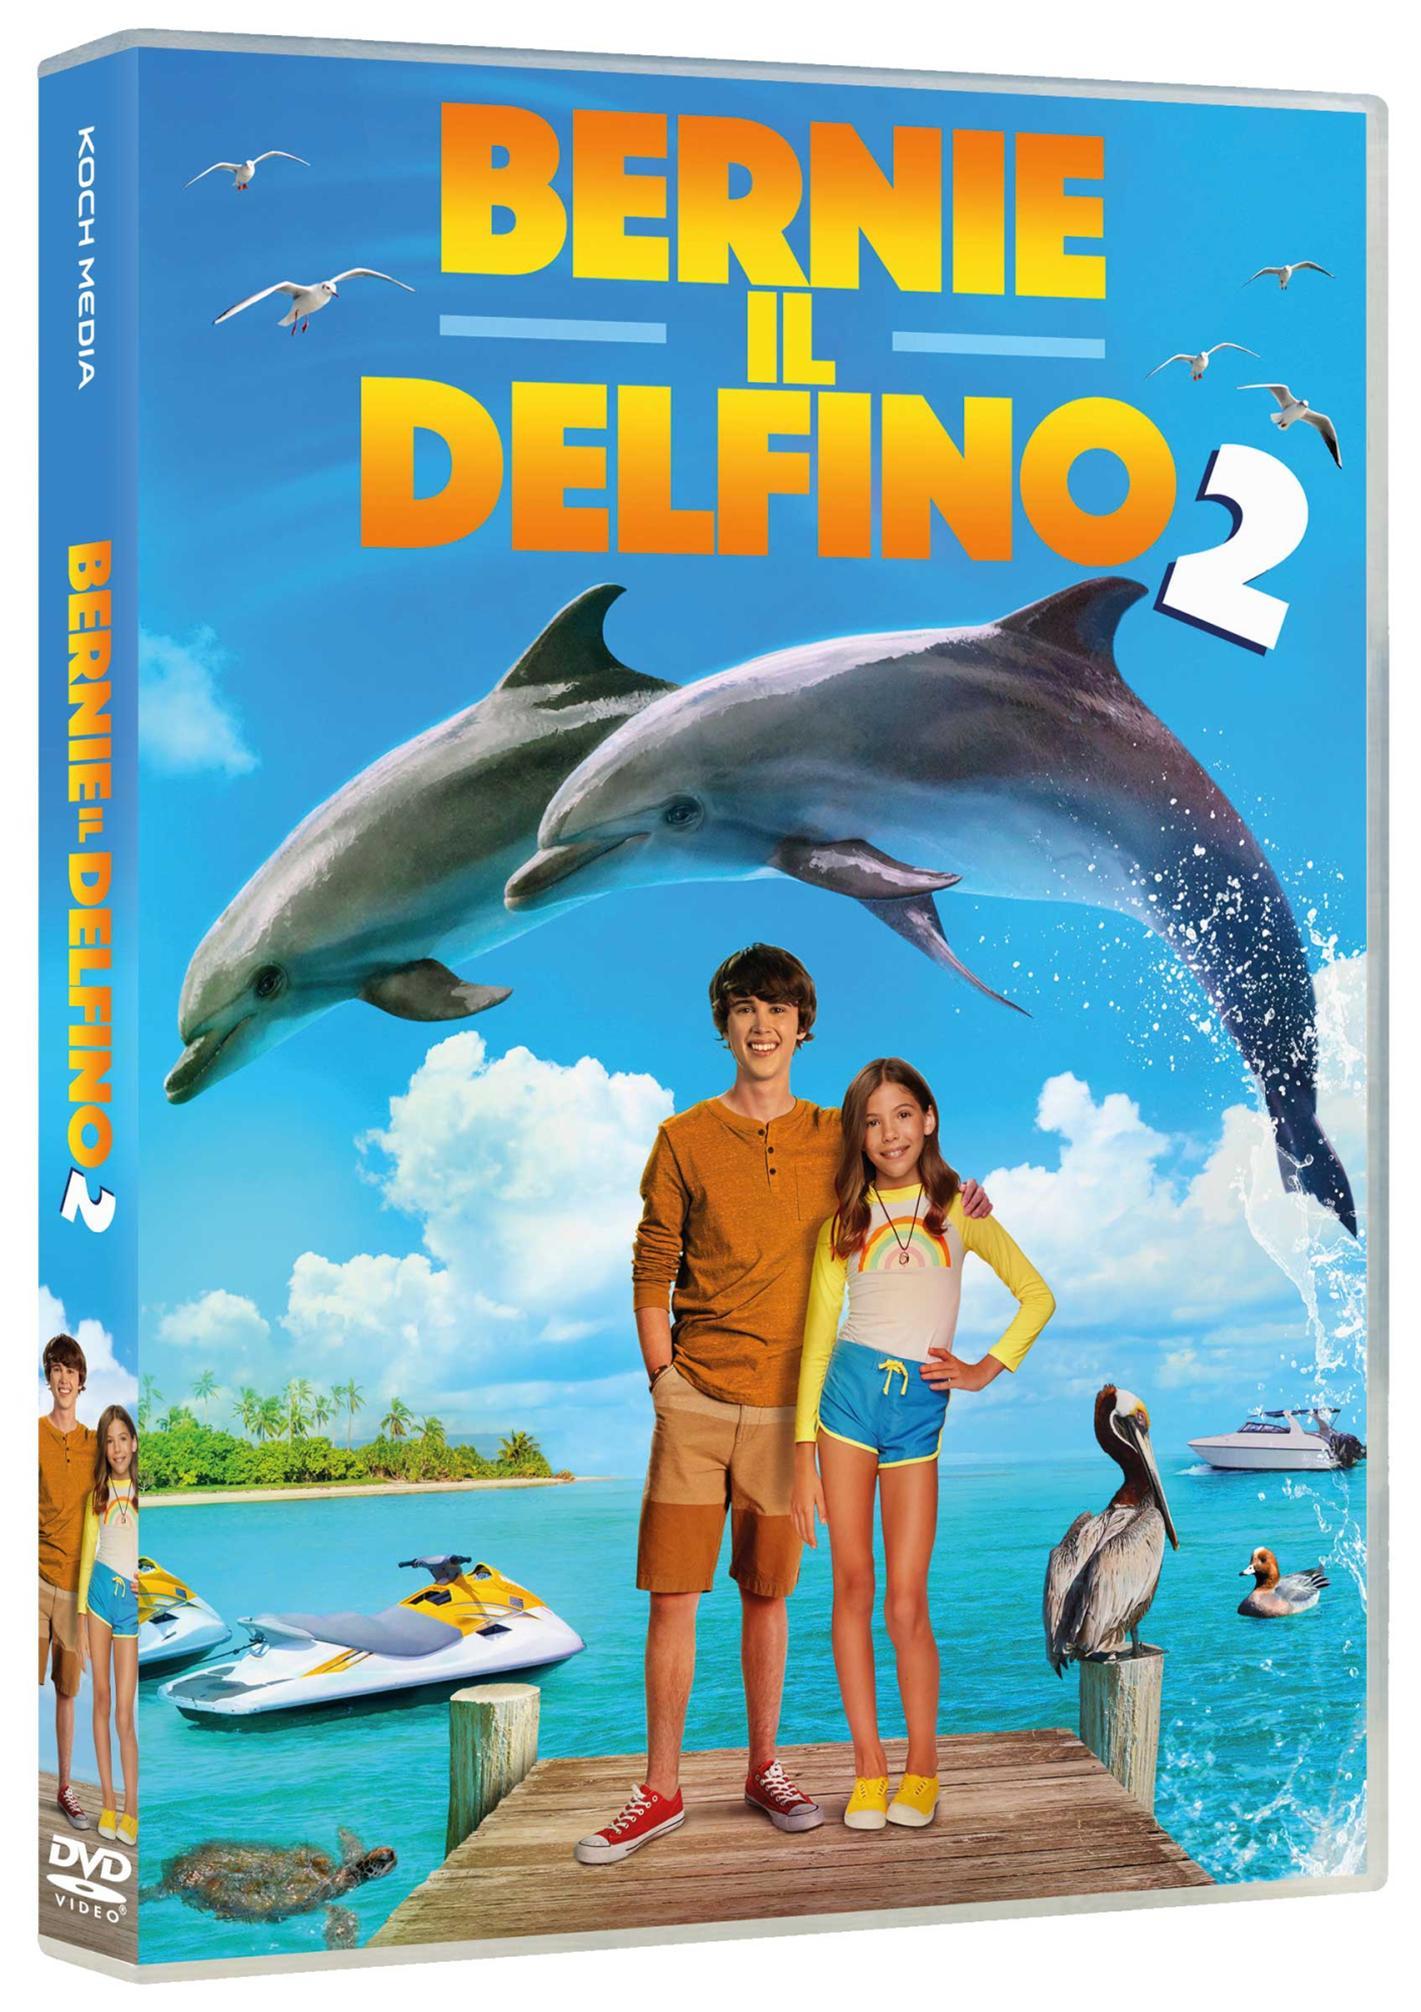 BERNIE IL DELFINO 2 (DVD)